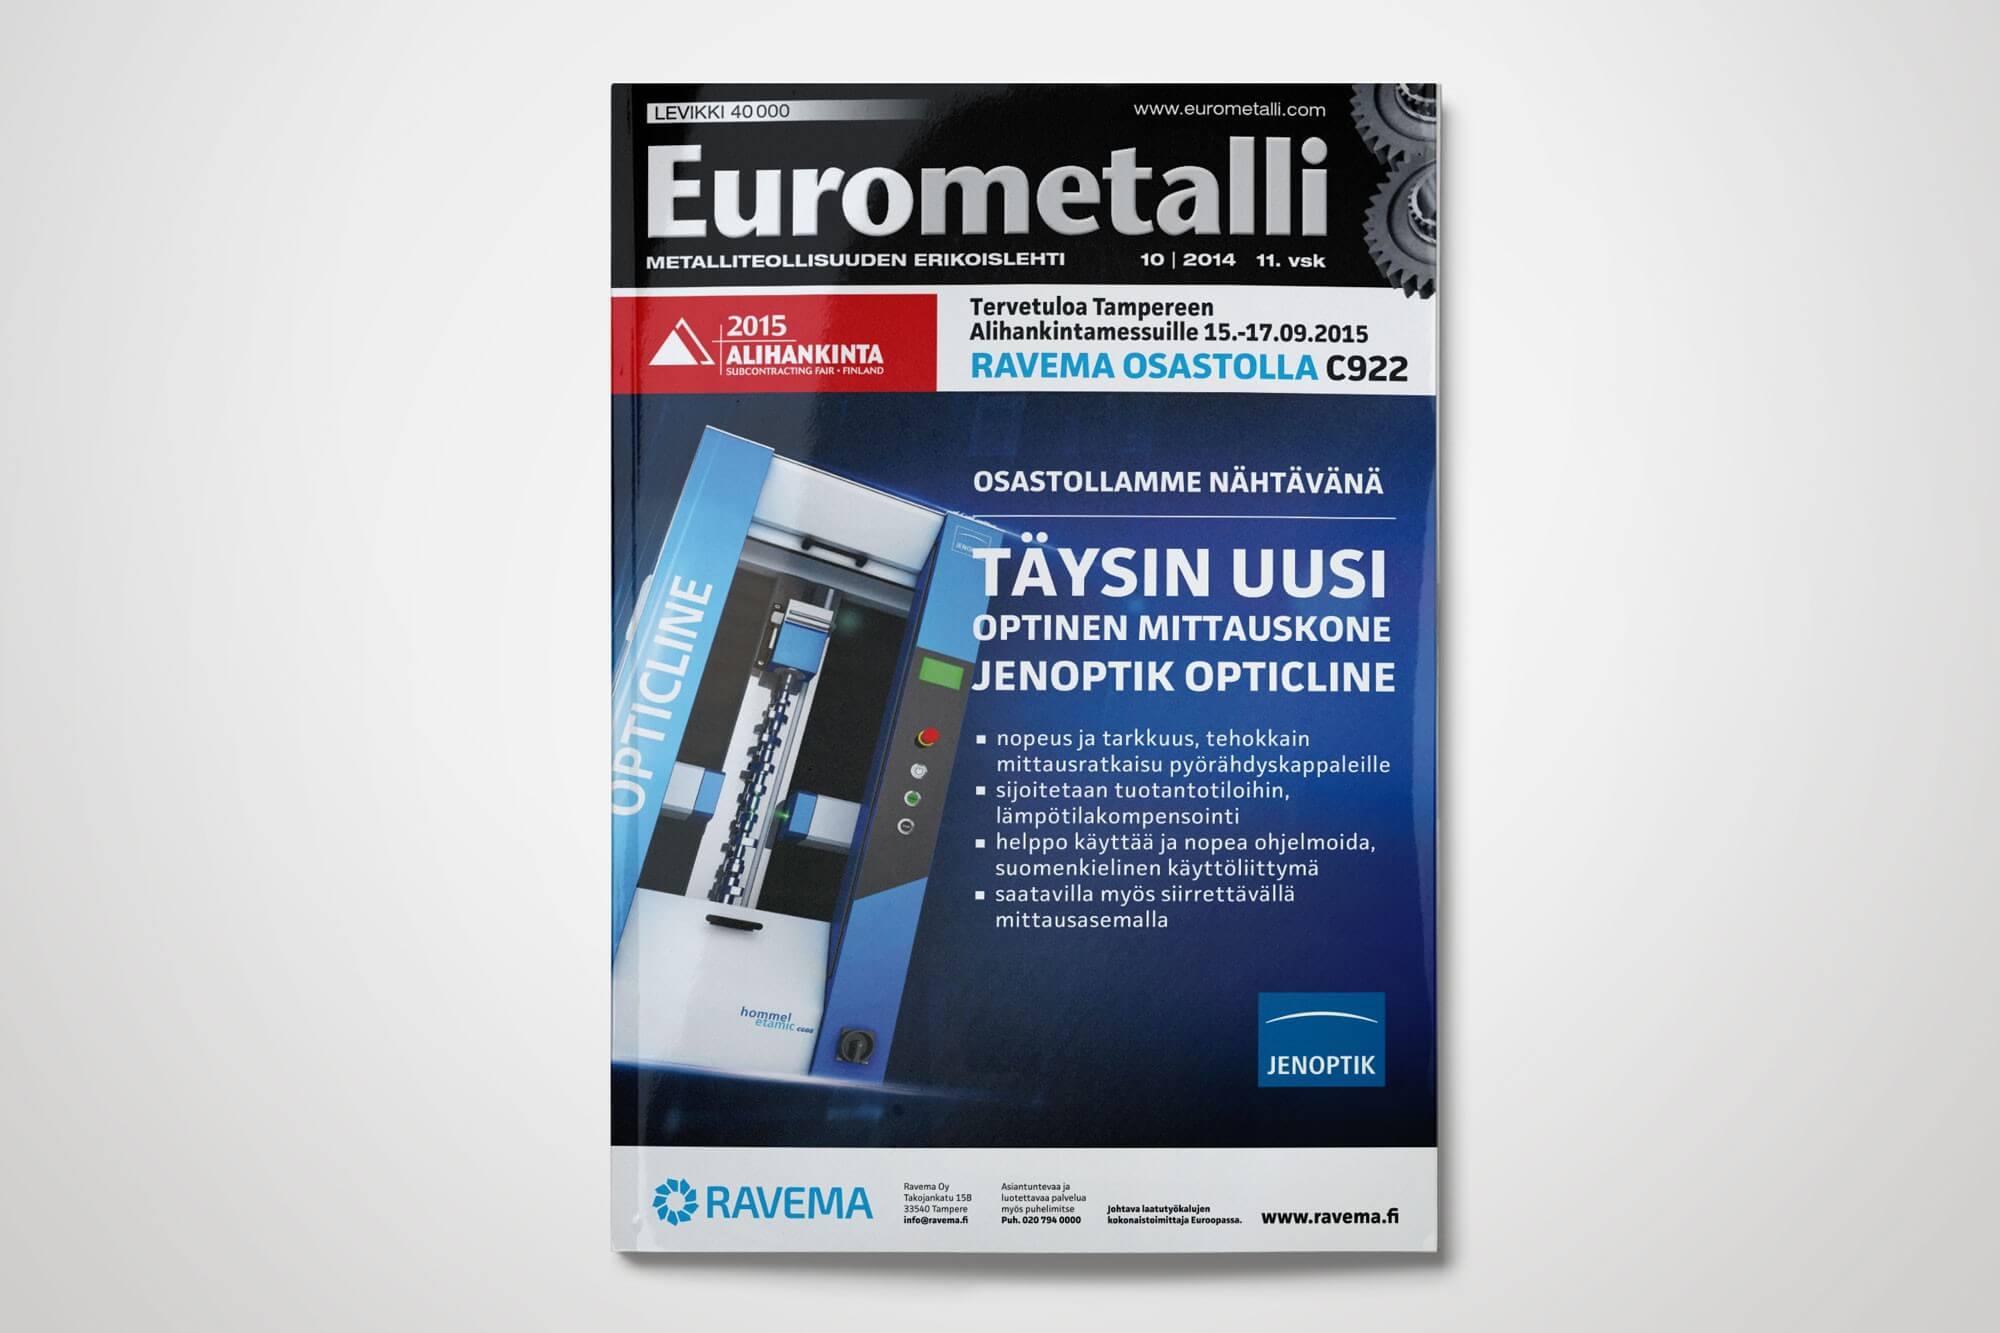 Eurometalli mainontaa